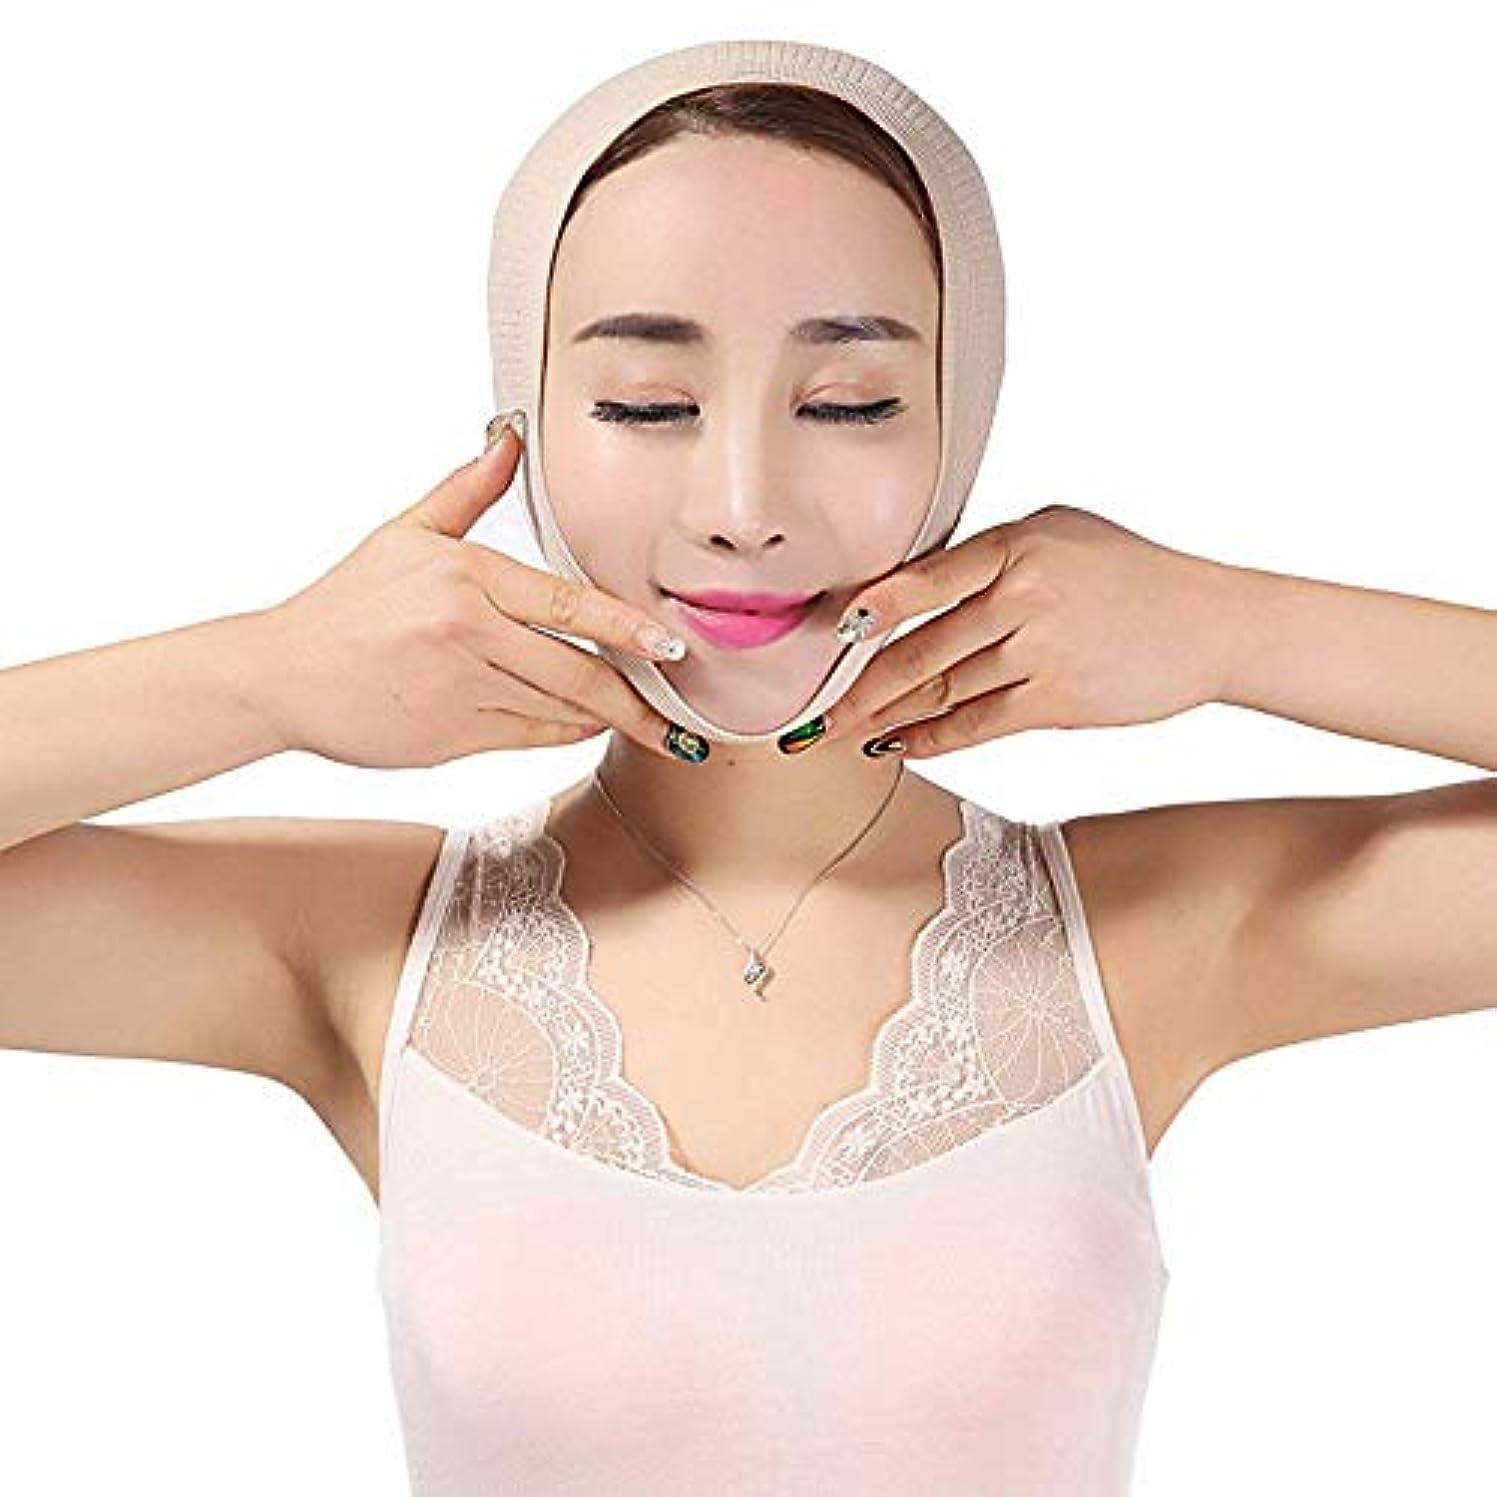 時々時々内向き薬理学薄い顔の器械のマスクの改装の包帯Vの表面持ち上がることの引き締めの美顔術の二重最大の顔のマッサージャー